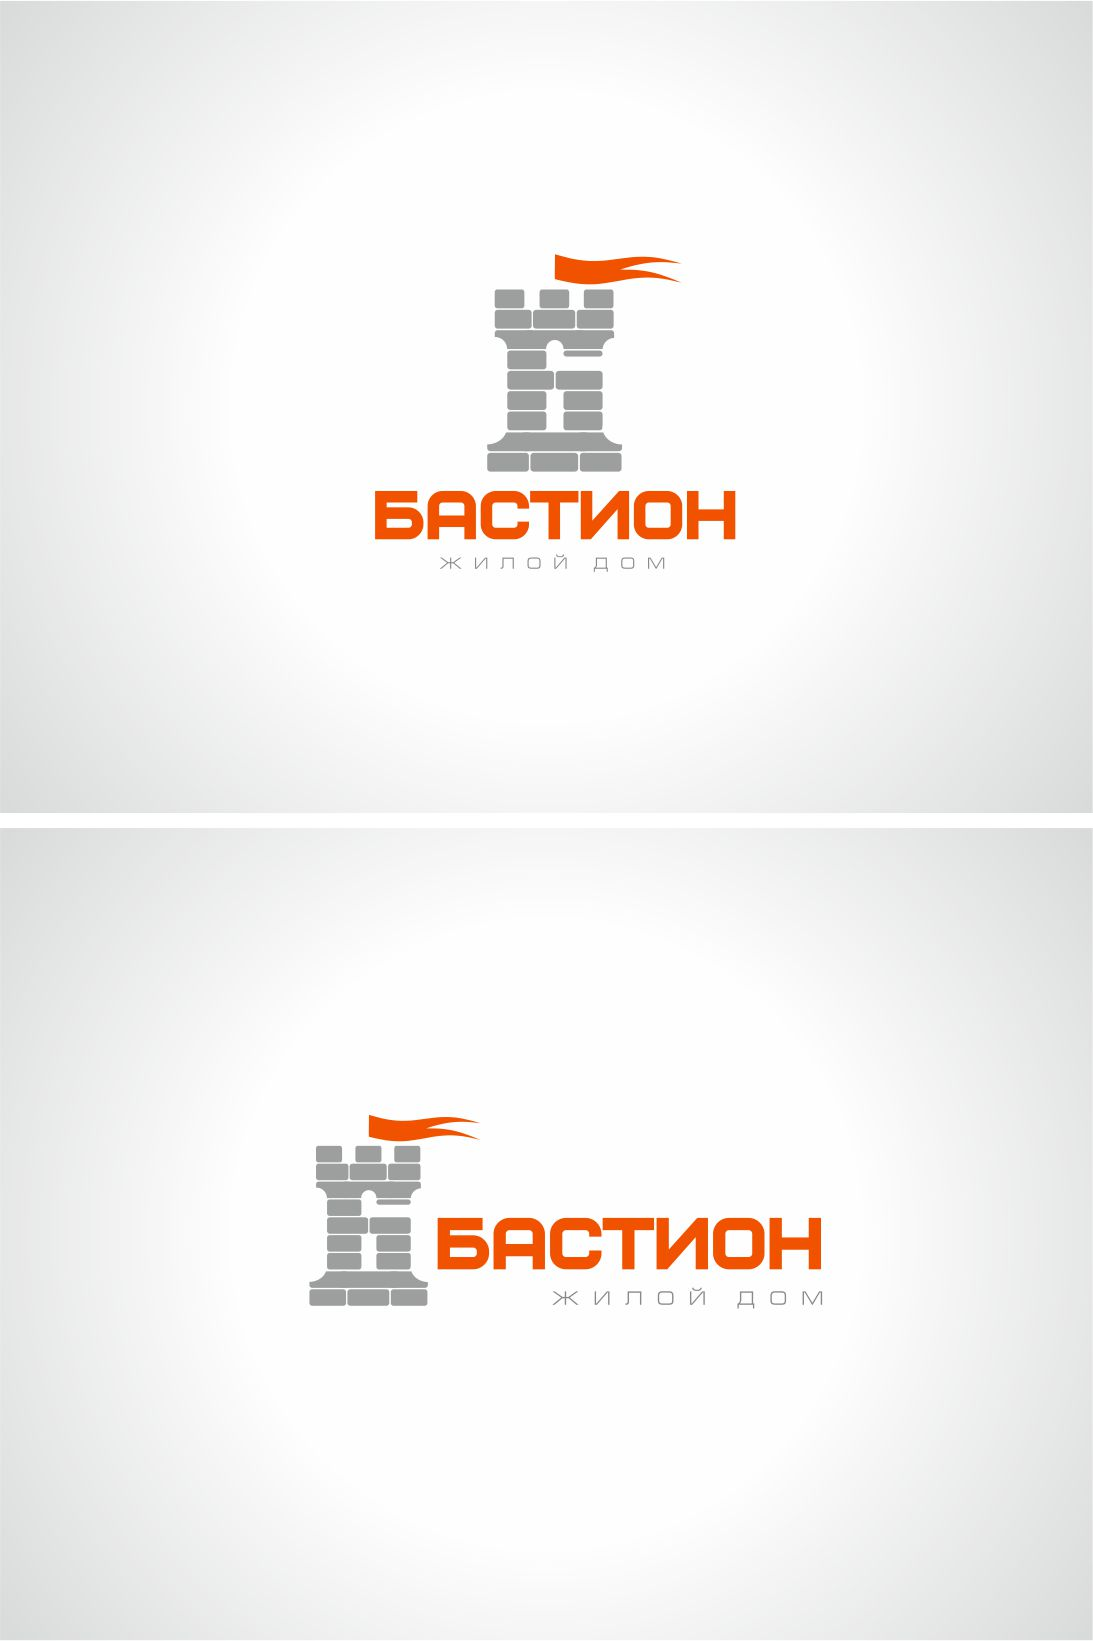 Разработка логотипа для жилого дома фото f_051520cc6898b313.jpg